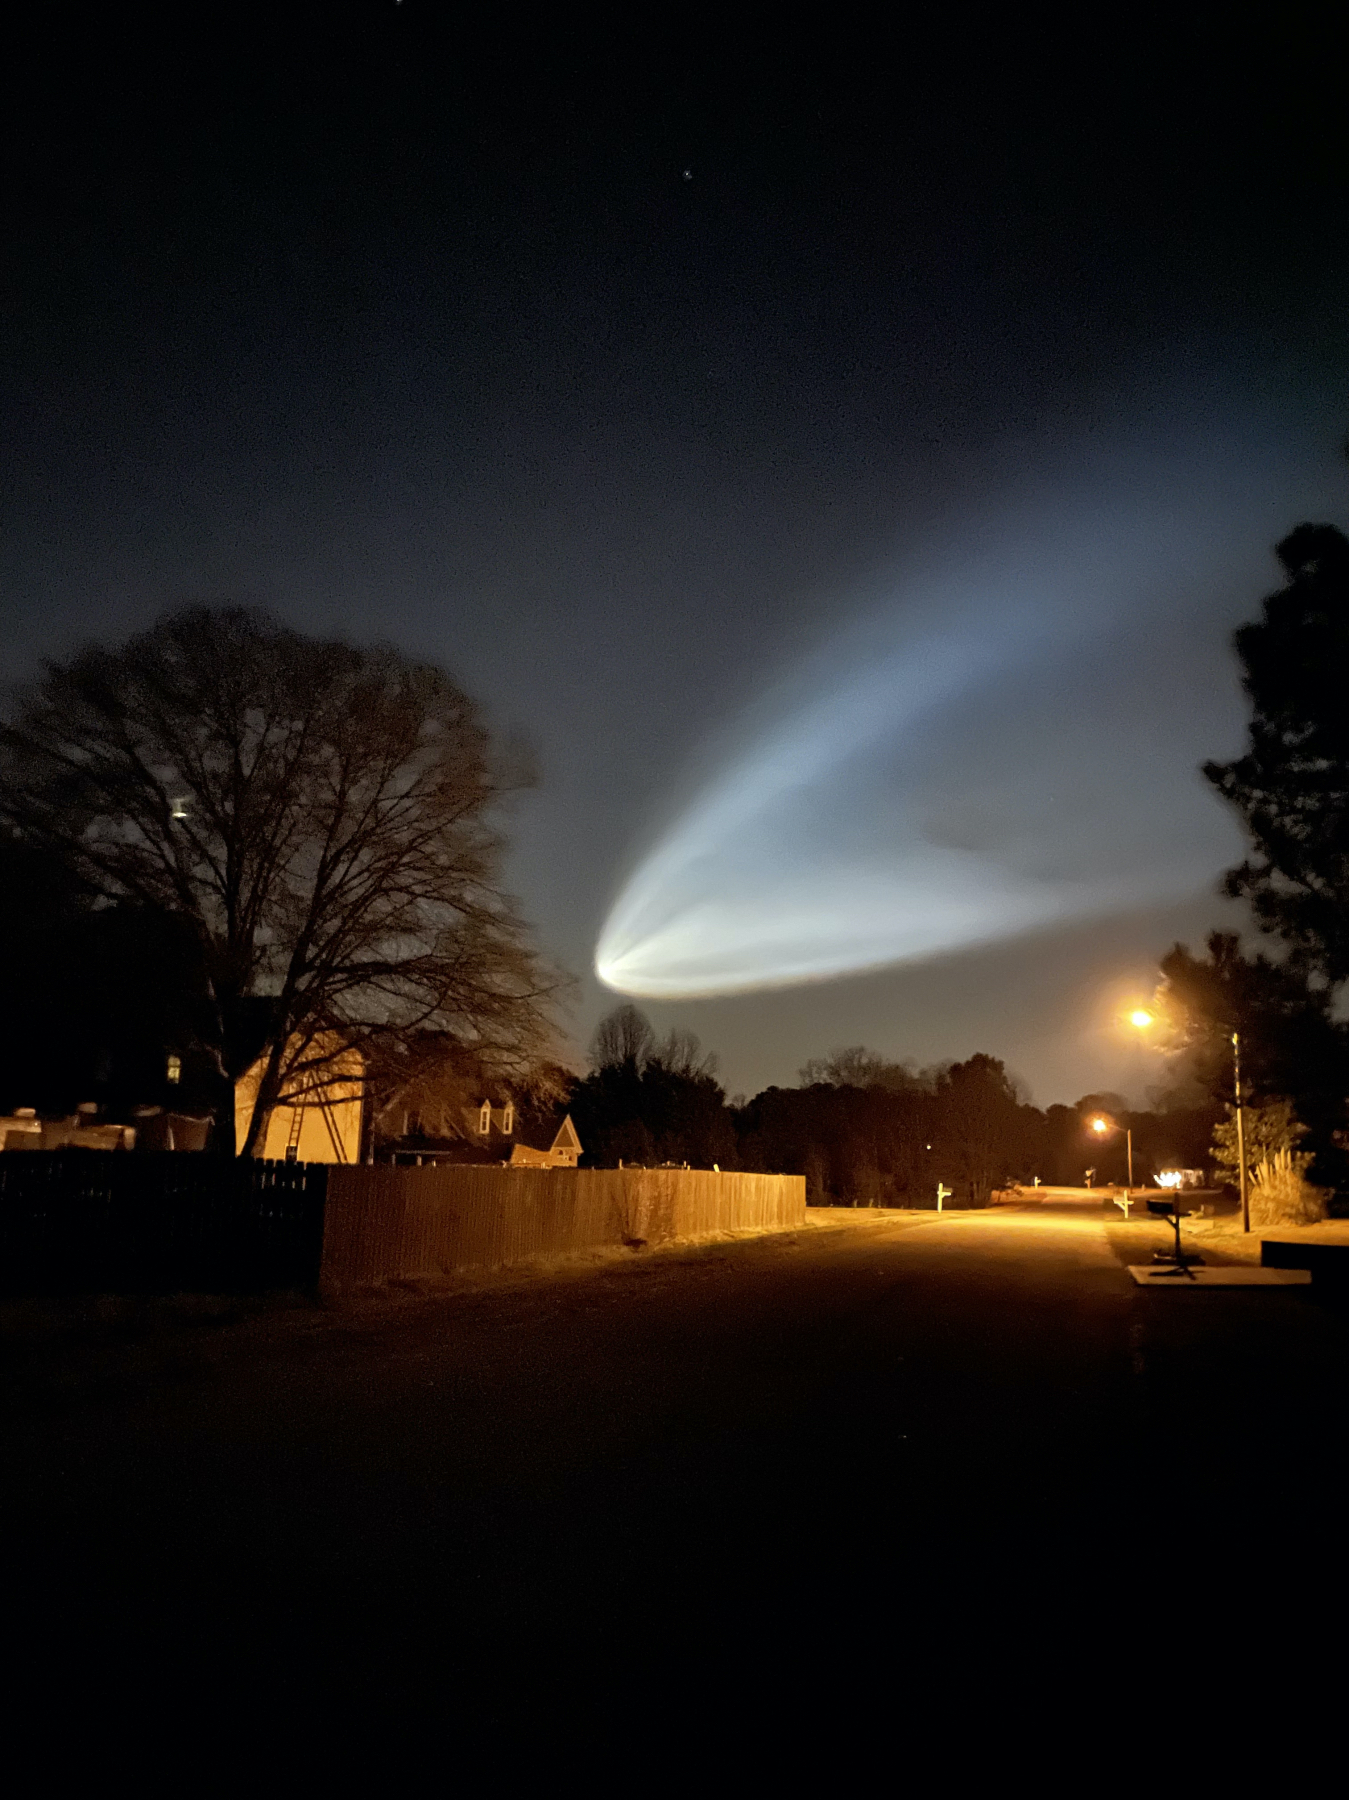 Cette photo de Jonathan W. montre le lancement de la fusée SpaceX Falcon 9 le 14 mars 2021 vu de Holly Springs, Caroline du Nord.